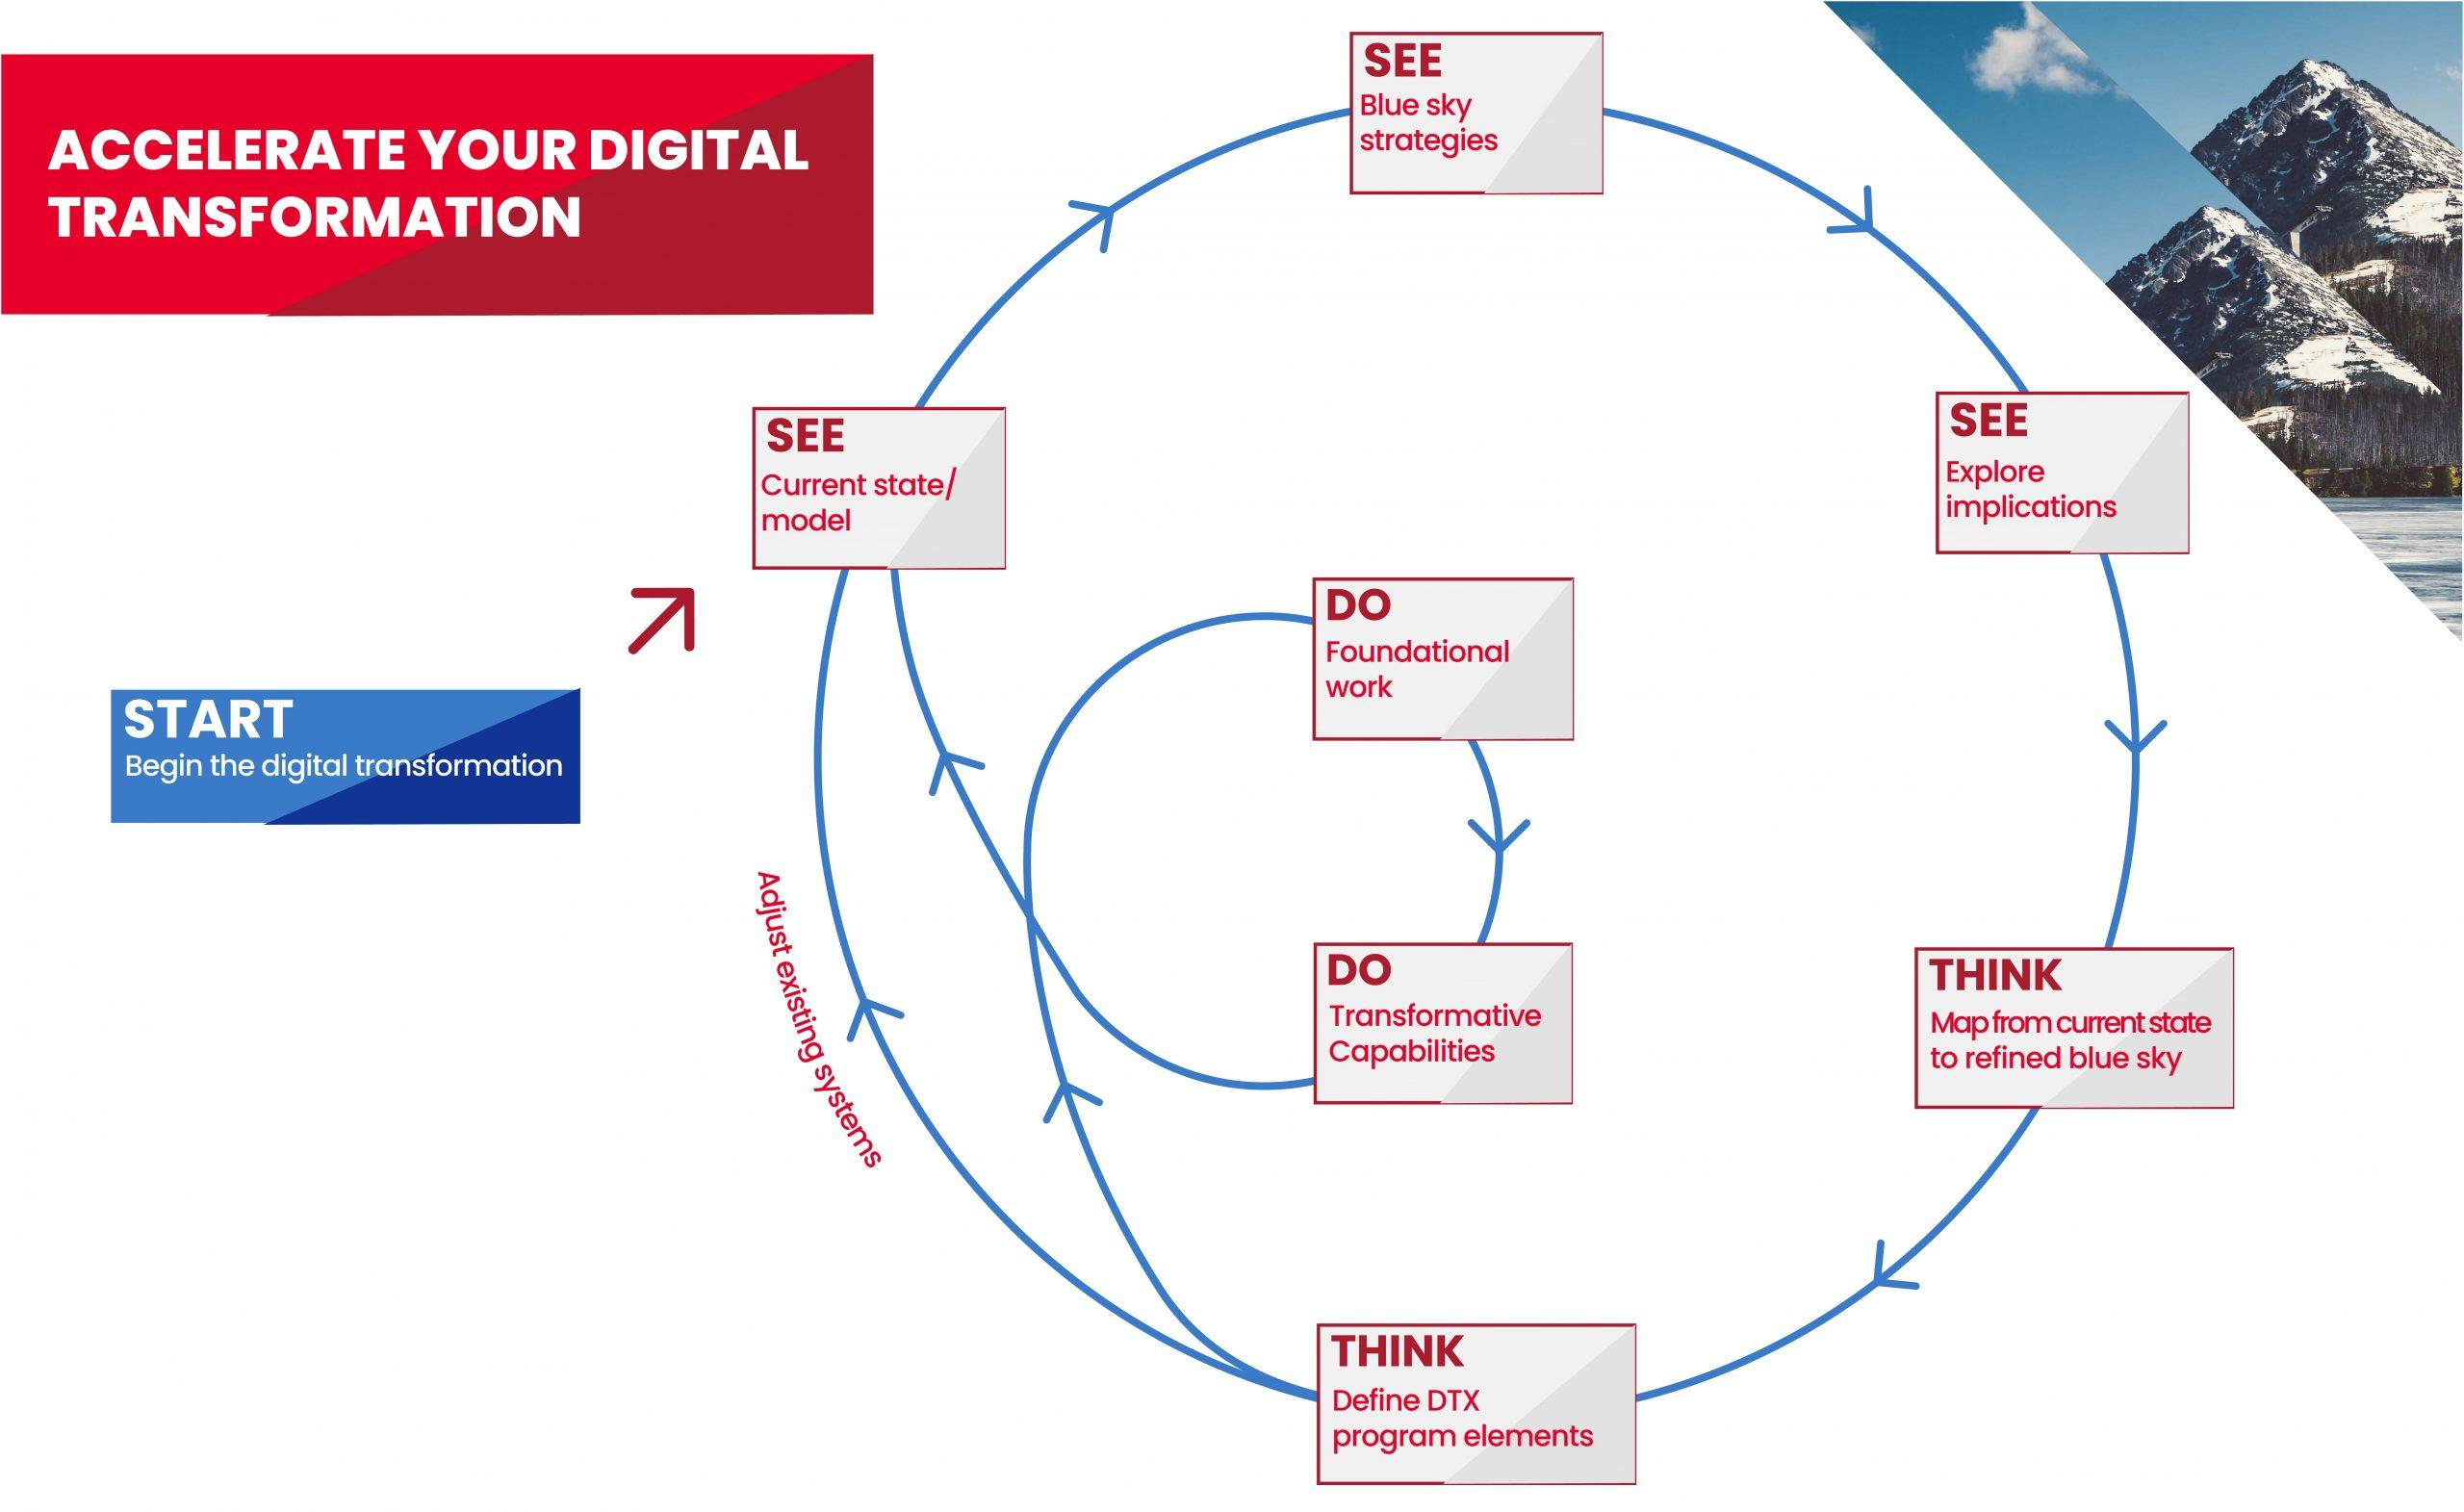 Digital transformation cycle